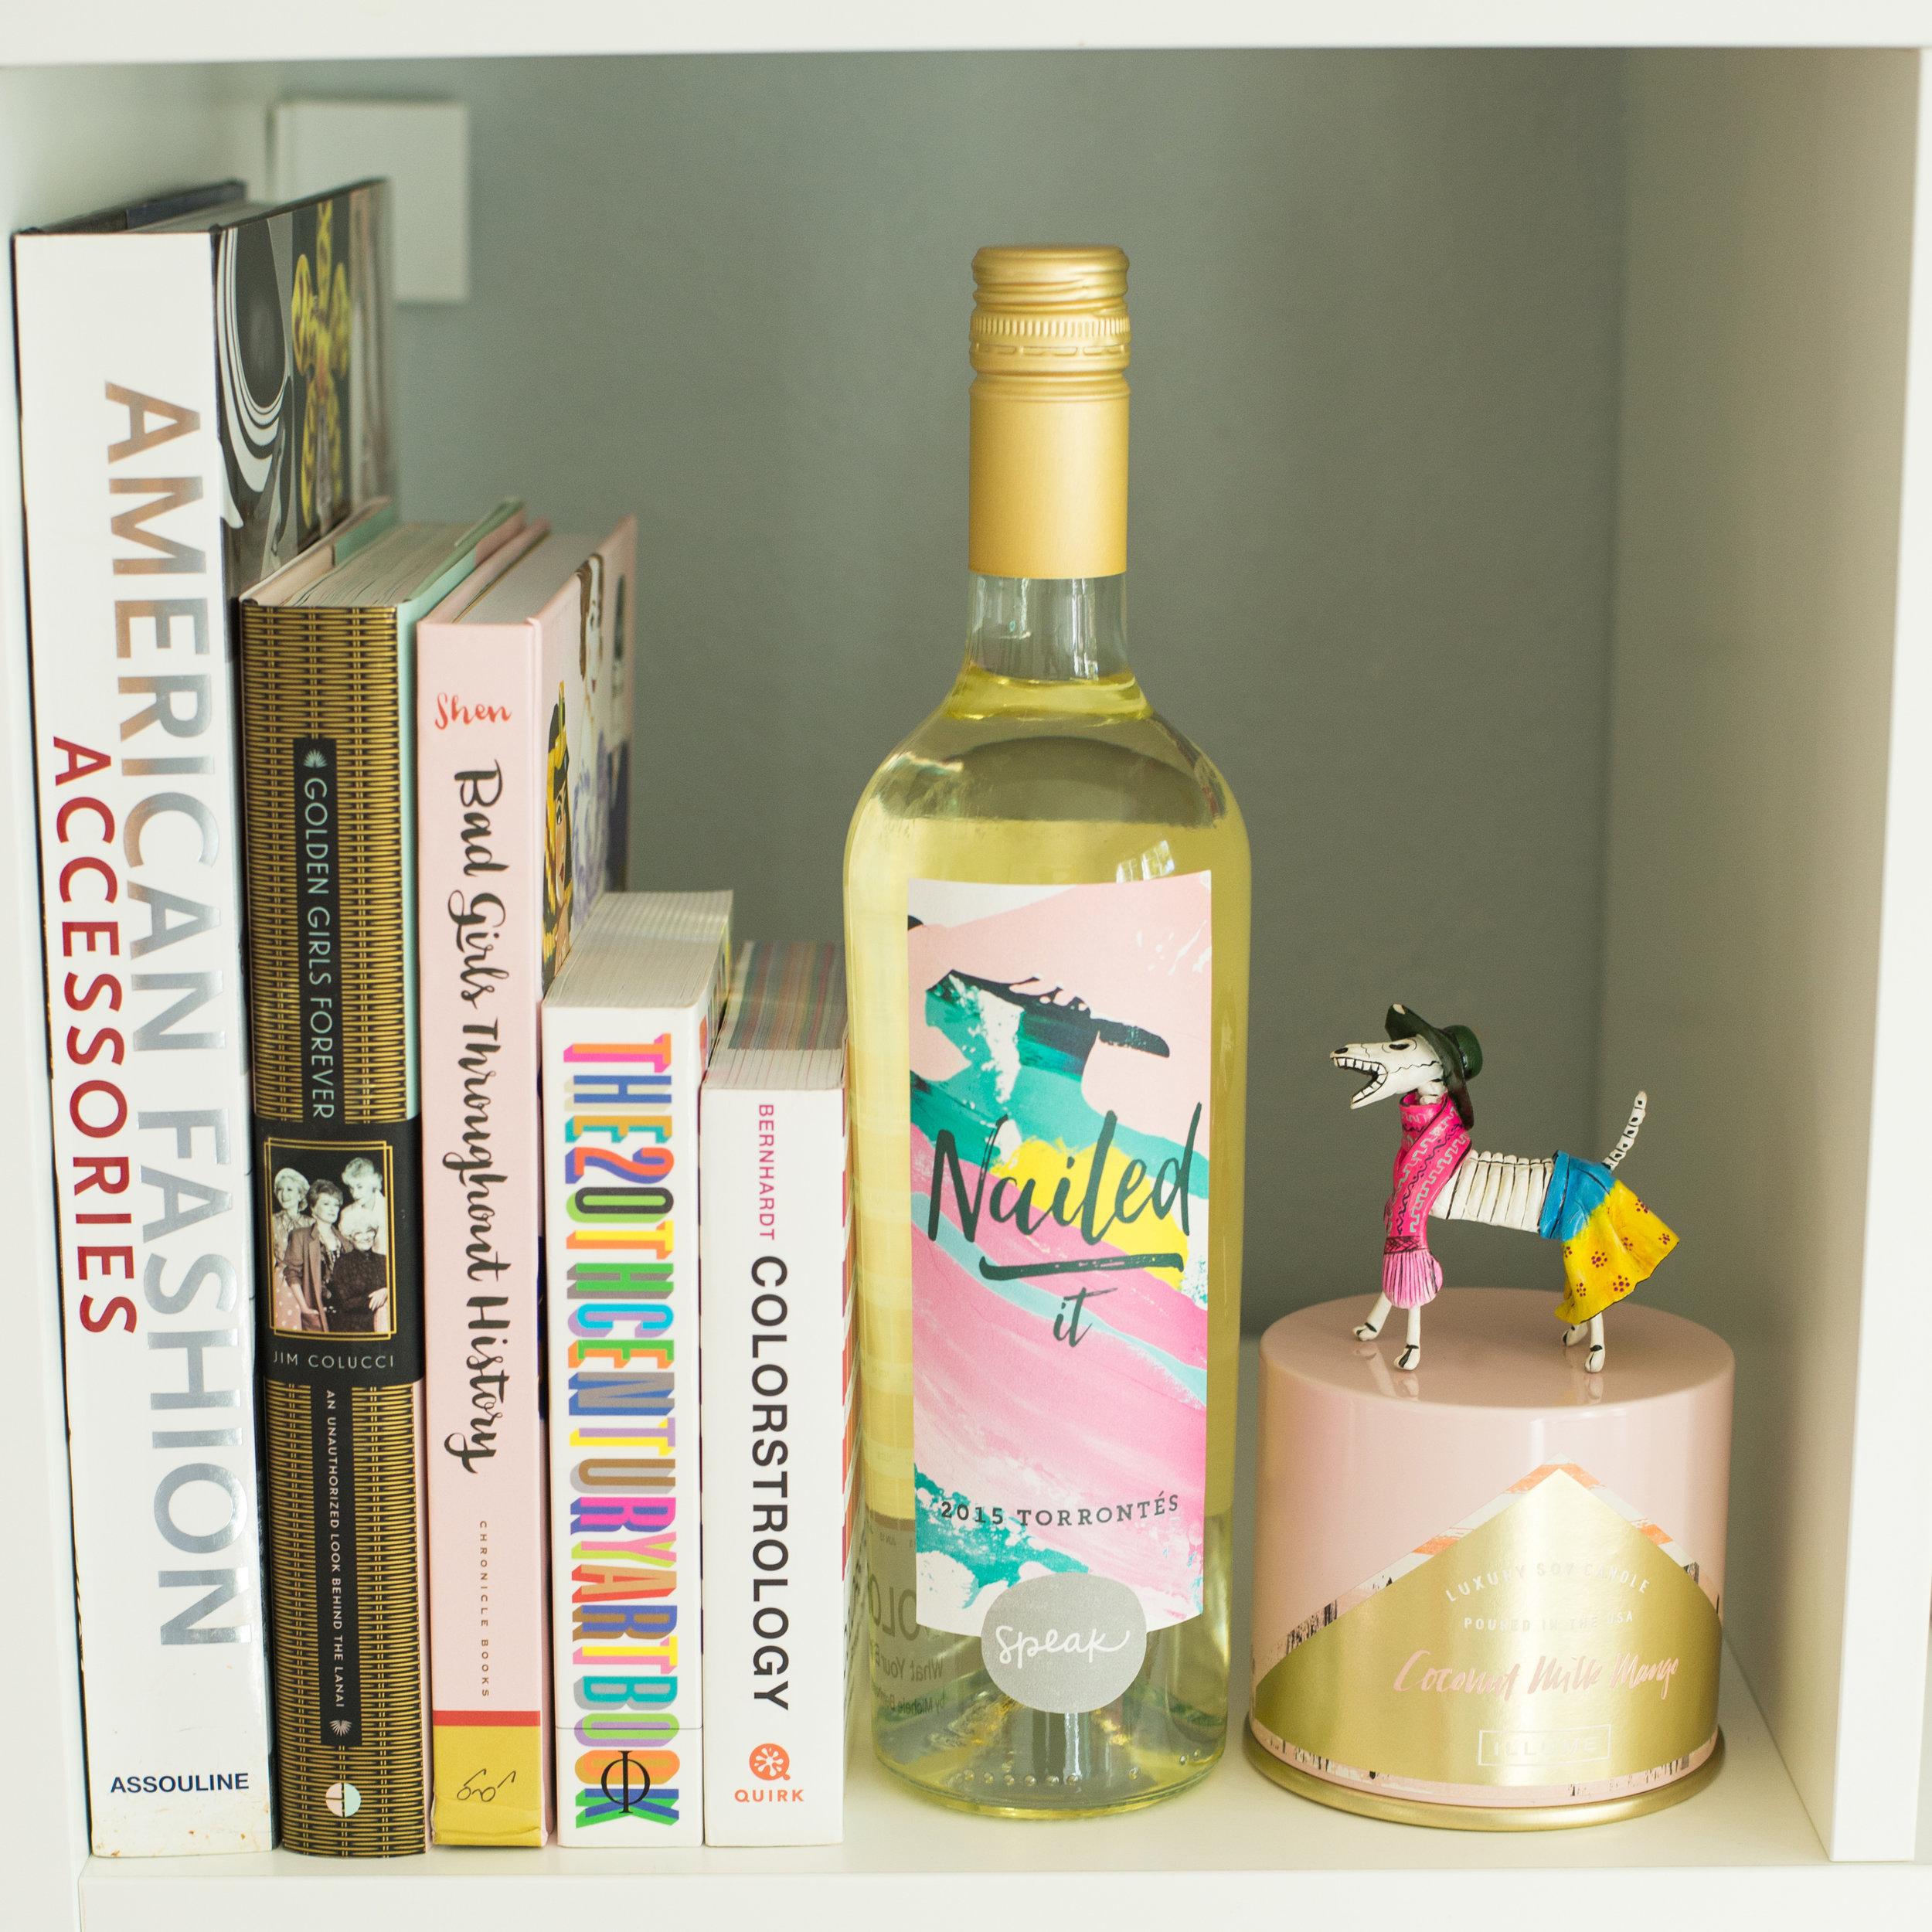 NS Shelf Peek Books 1.jpg